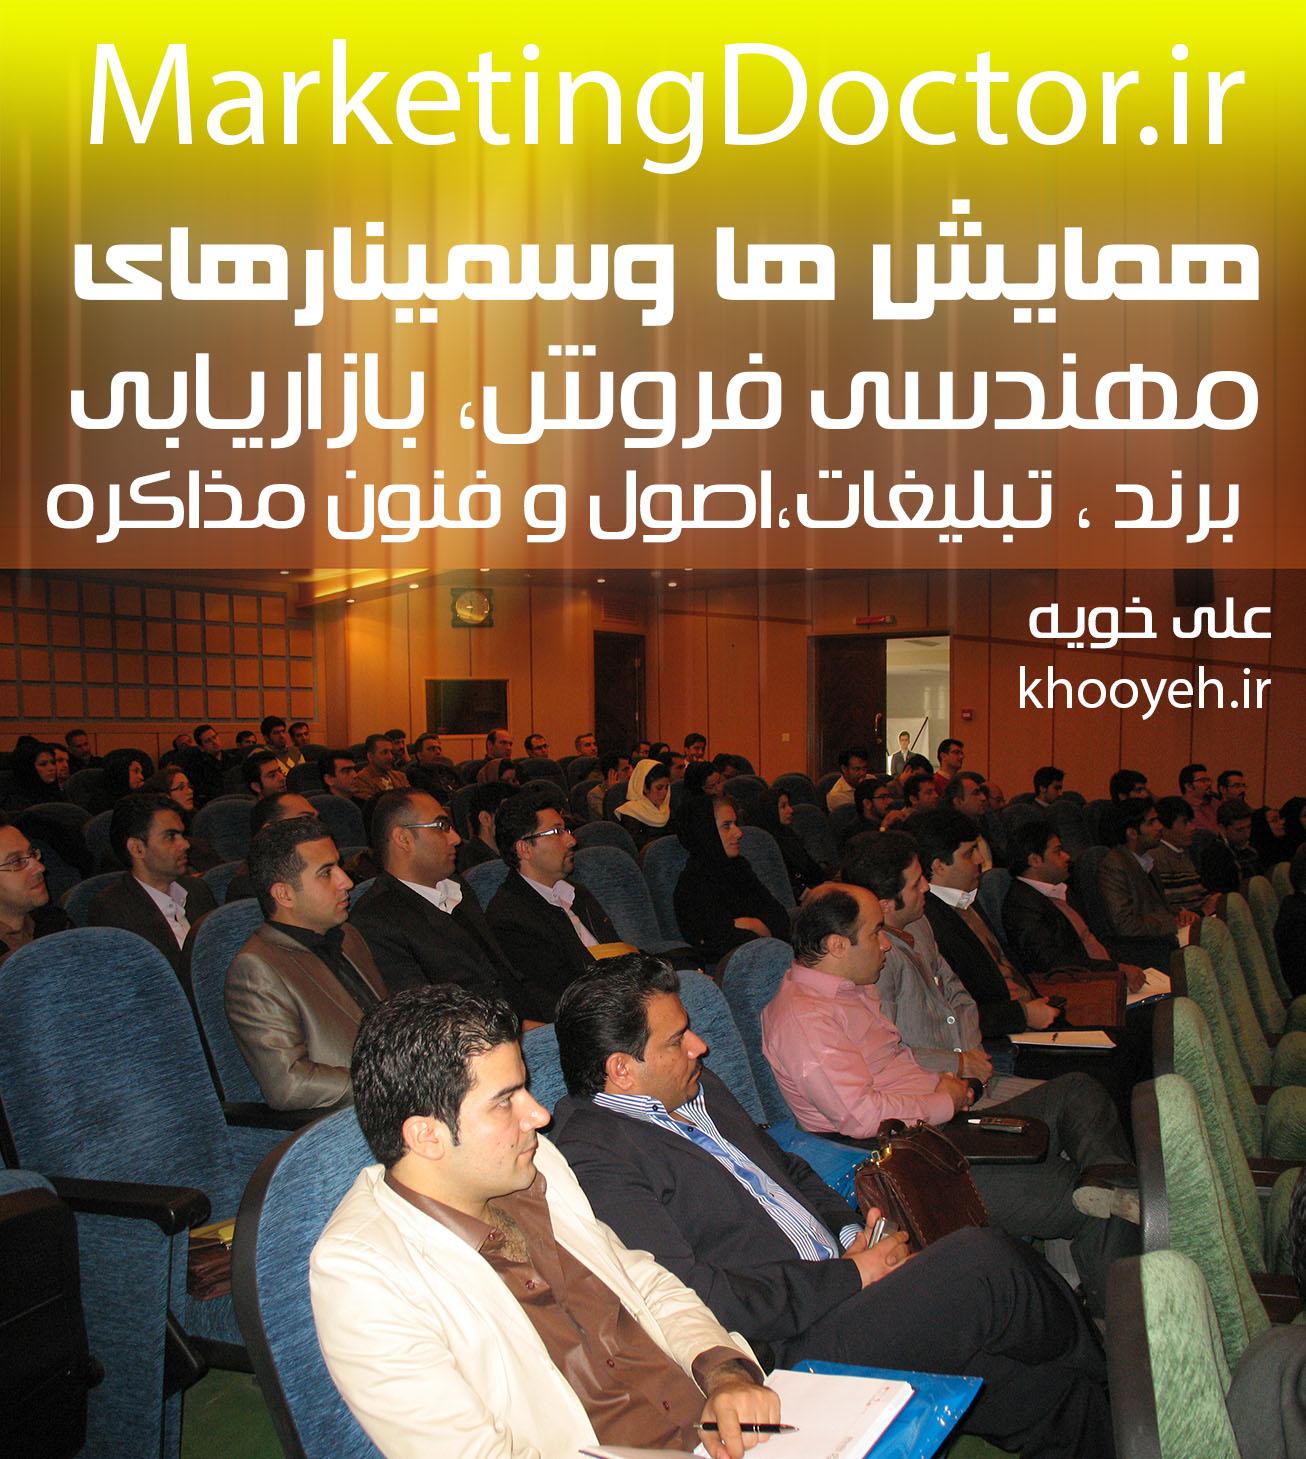 دوره های آموزش و همایش ها و سمینارهای مهندسی فروش، بازاریابی و تبلیغات ، برندینگ و اصول و فنون مذاکره